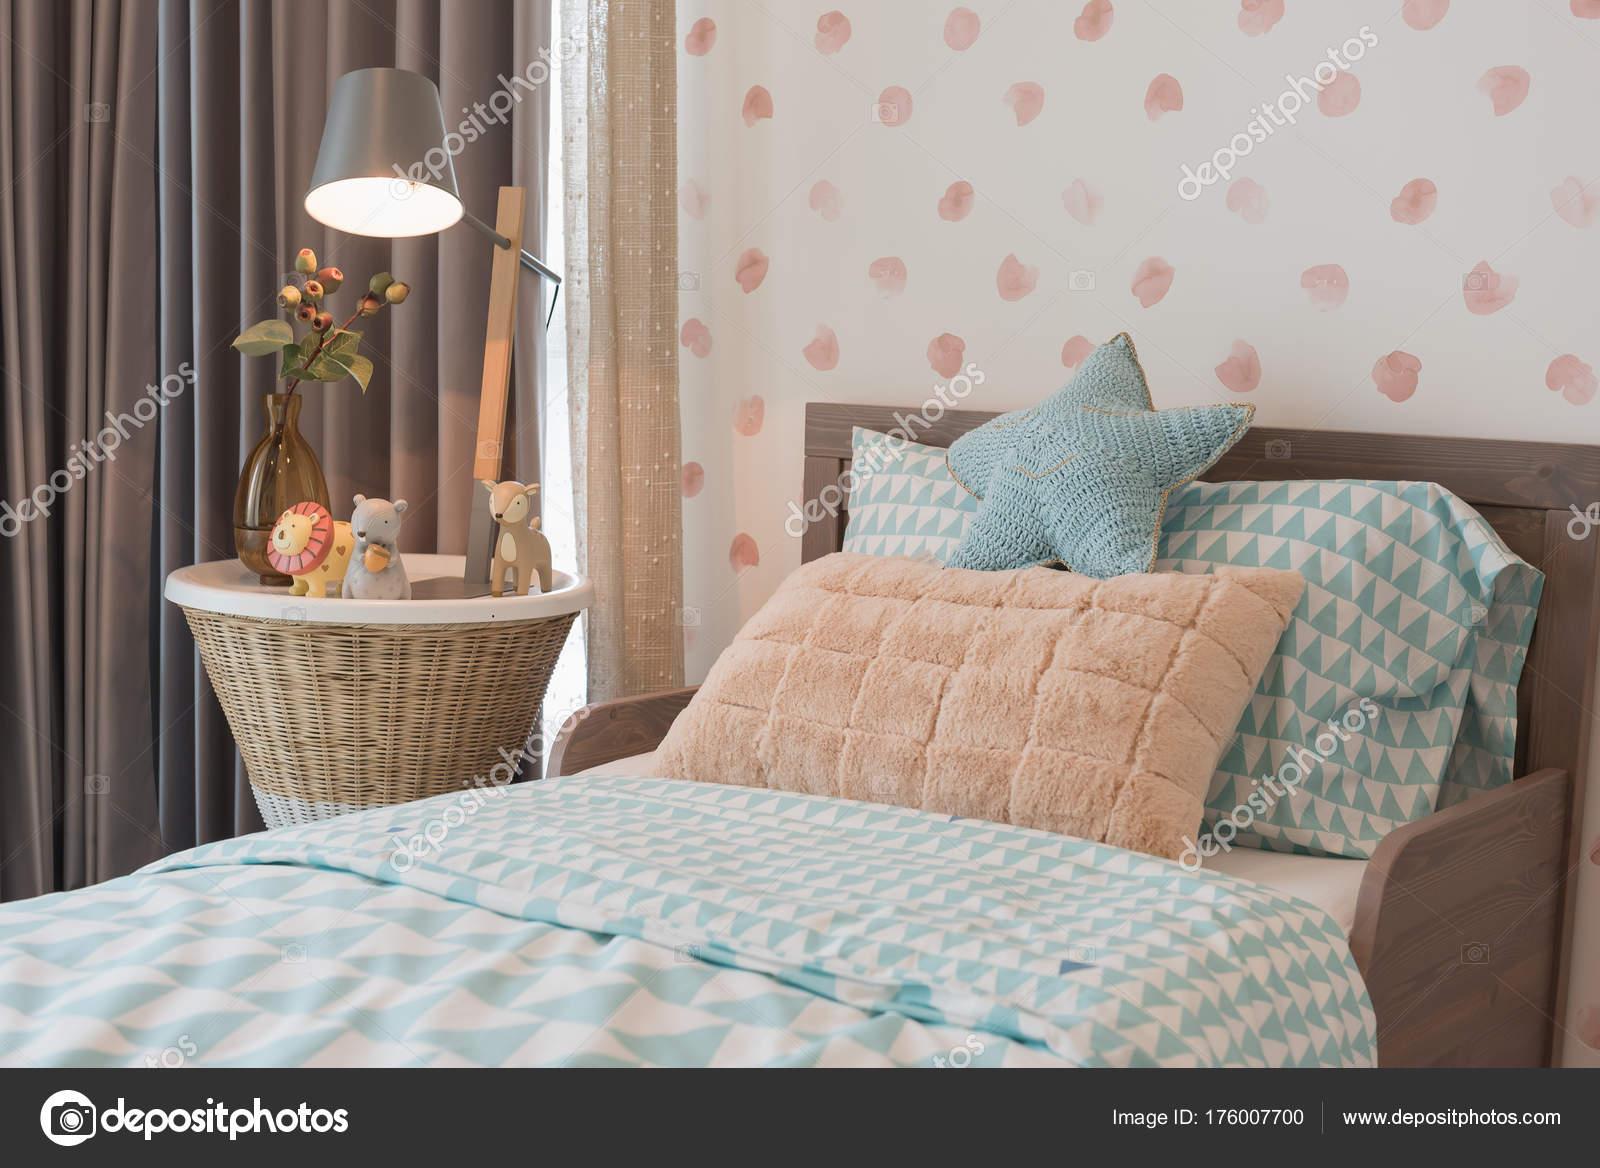 Kinder Schlafzimmer Mit Kuscheligen Bett Stockfoto